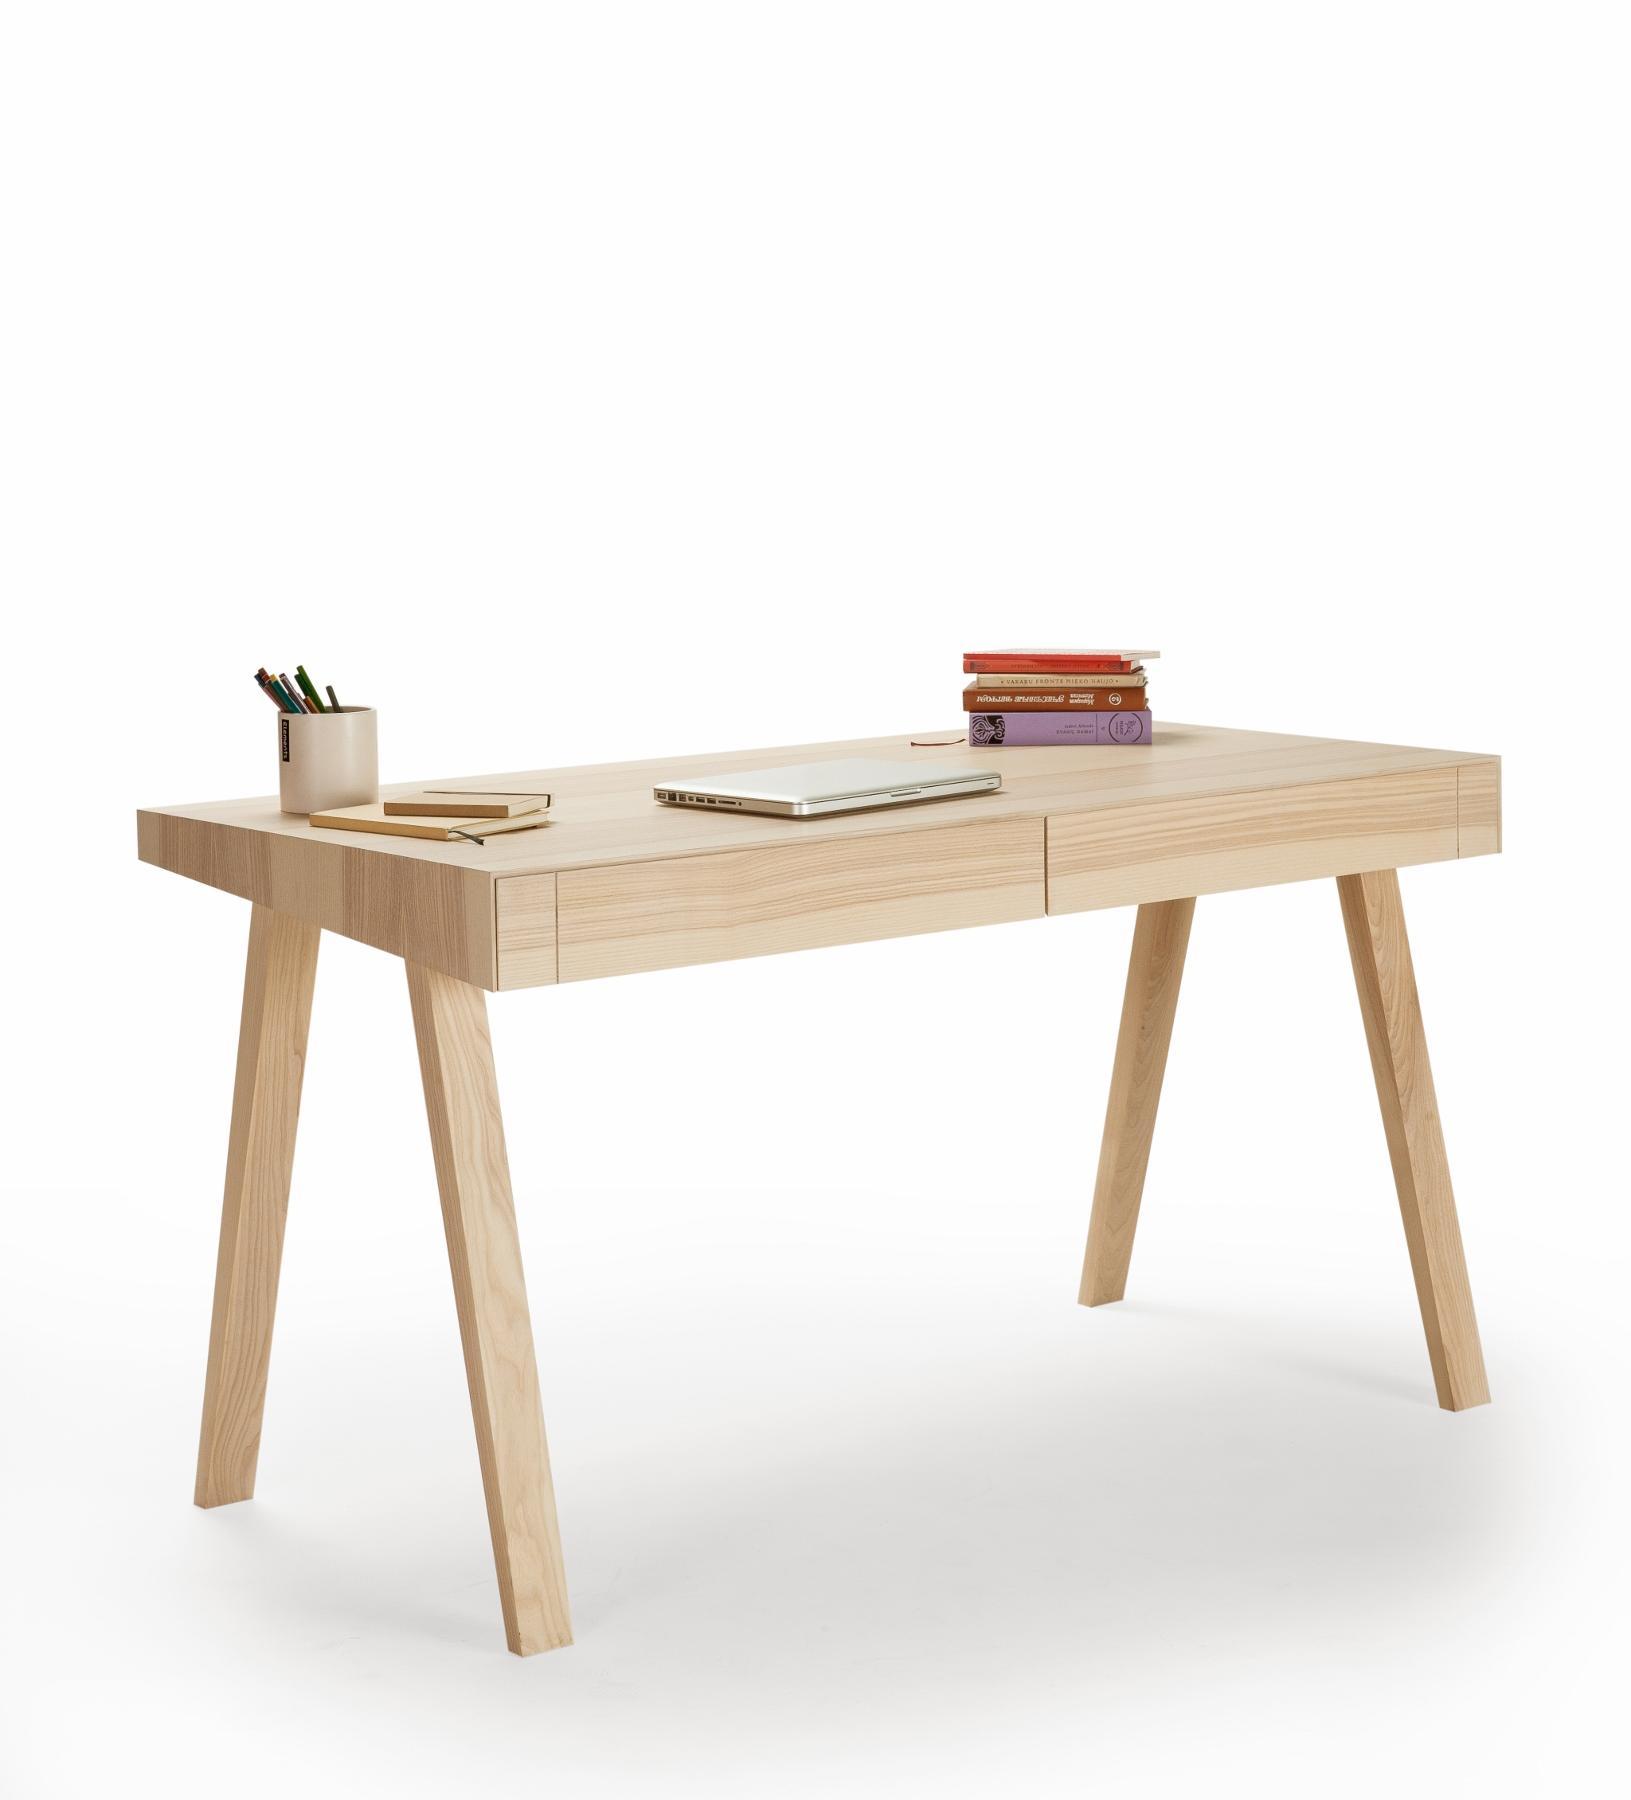 Schreibtische Design | Moderner Designer Schreibtisch 4 9 Aus Massivholz Emko